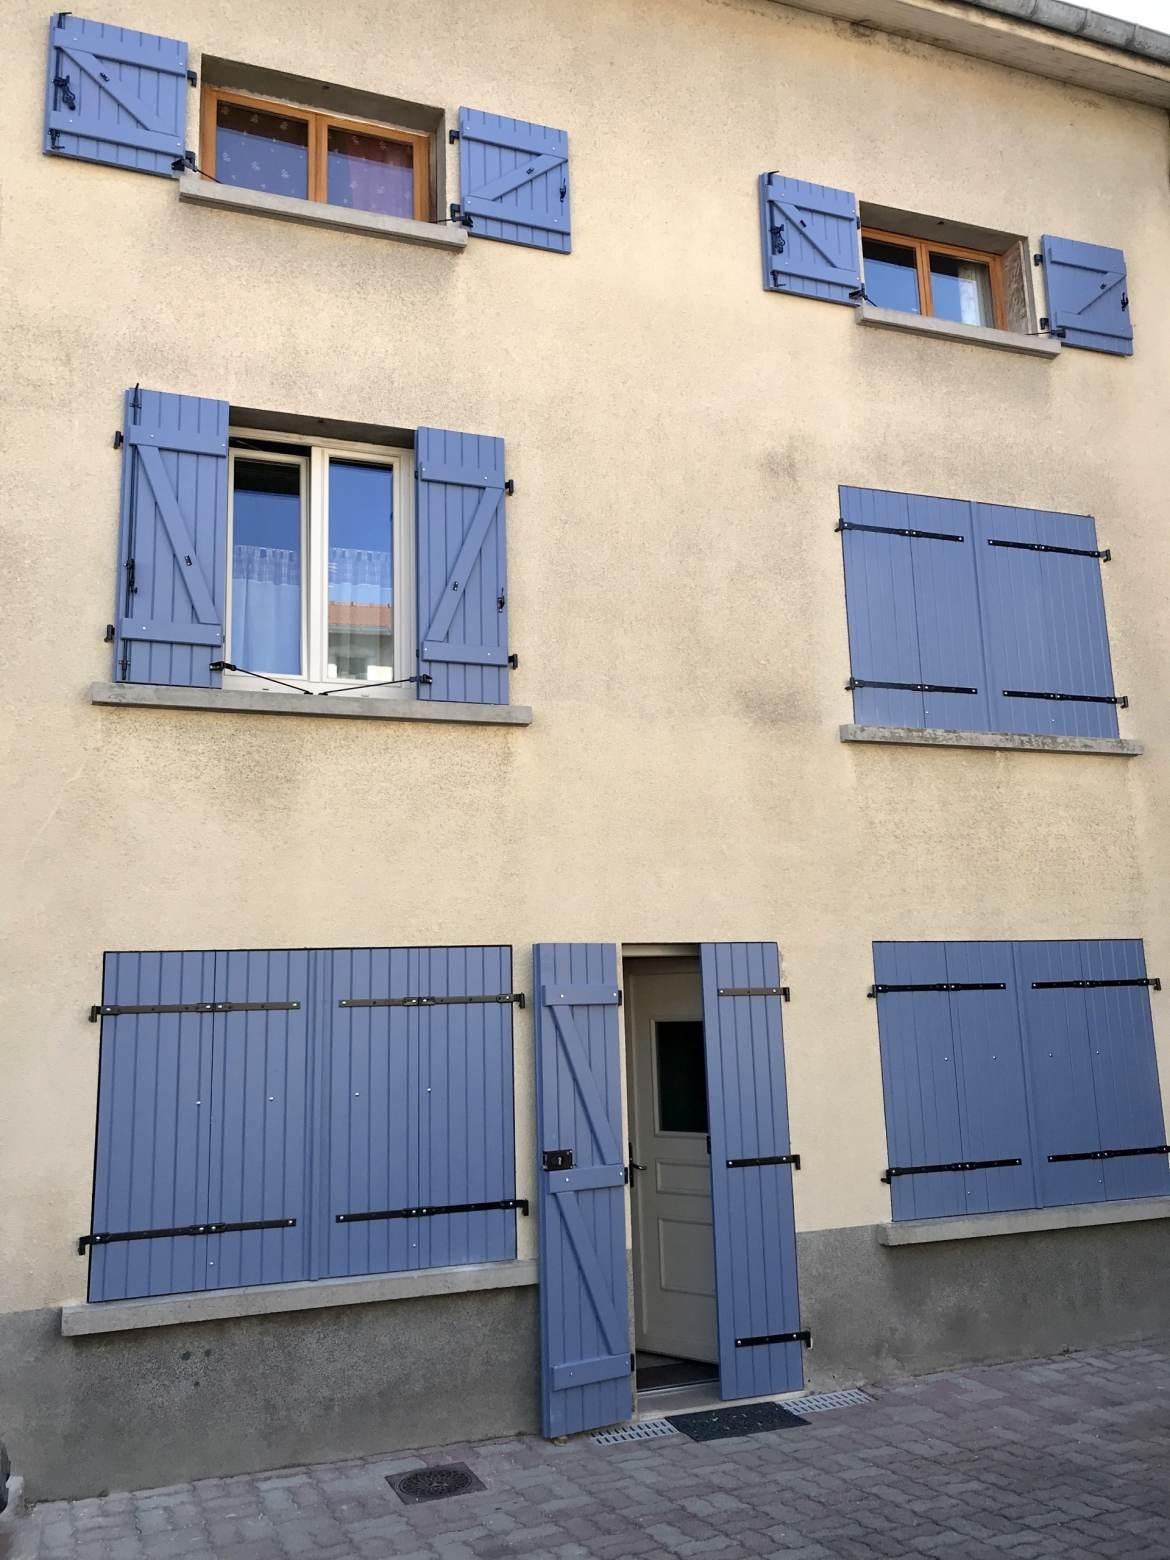 Volets bleu sur façade